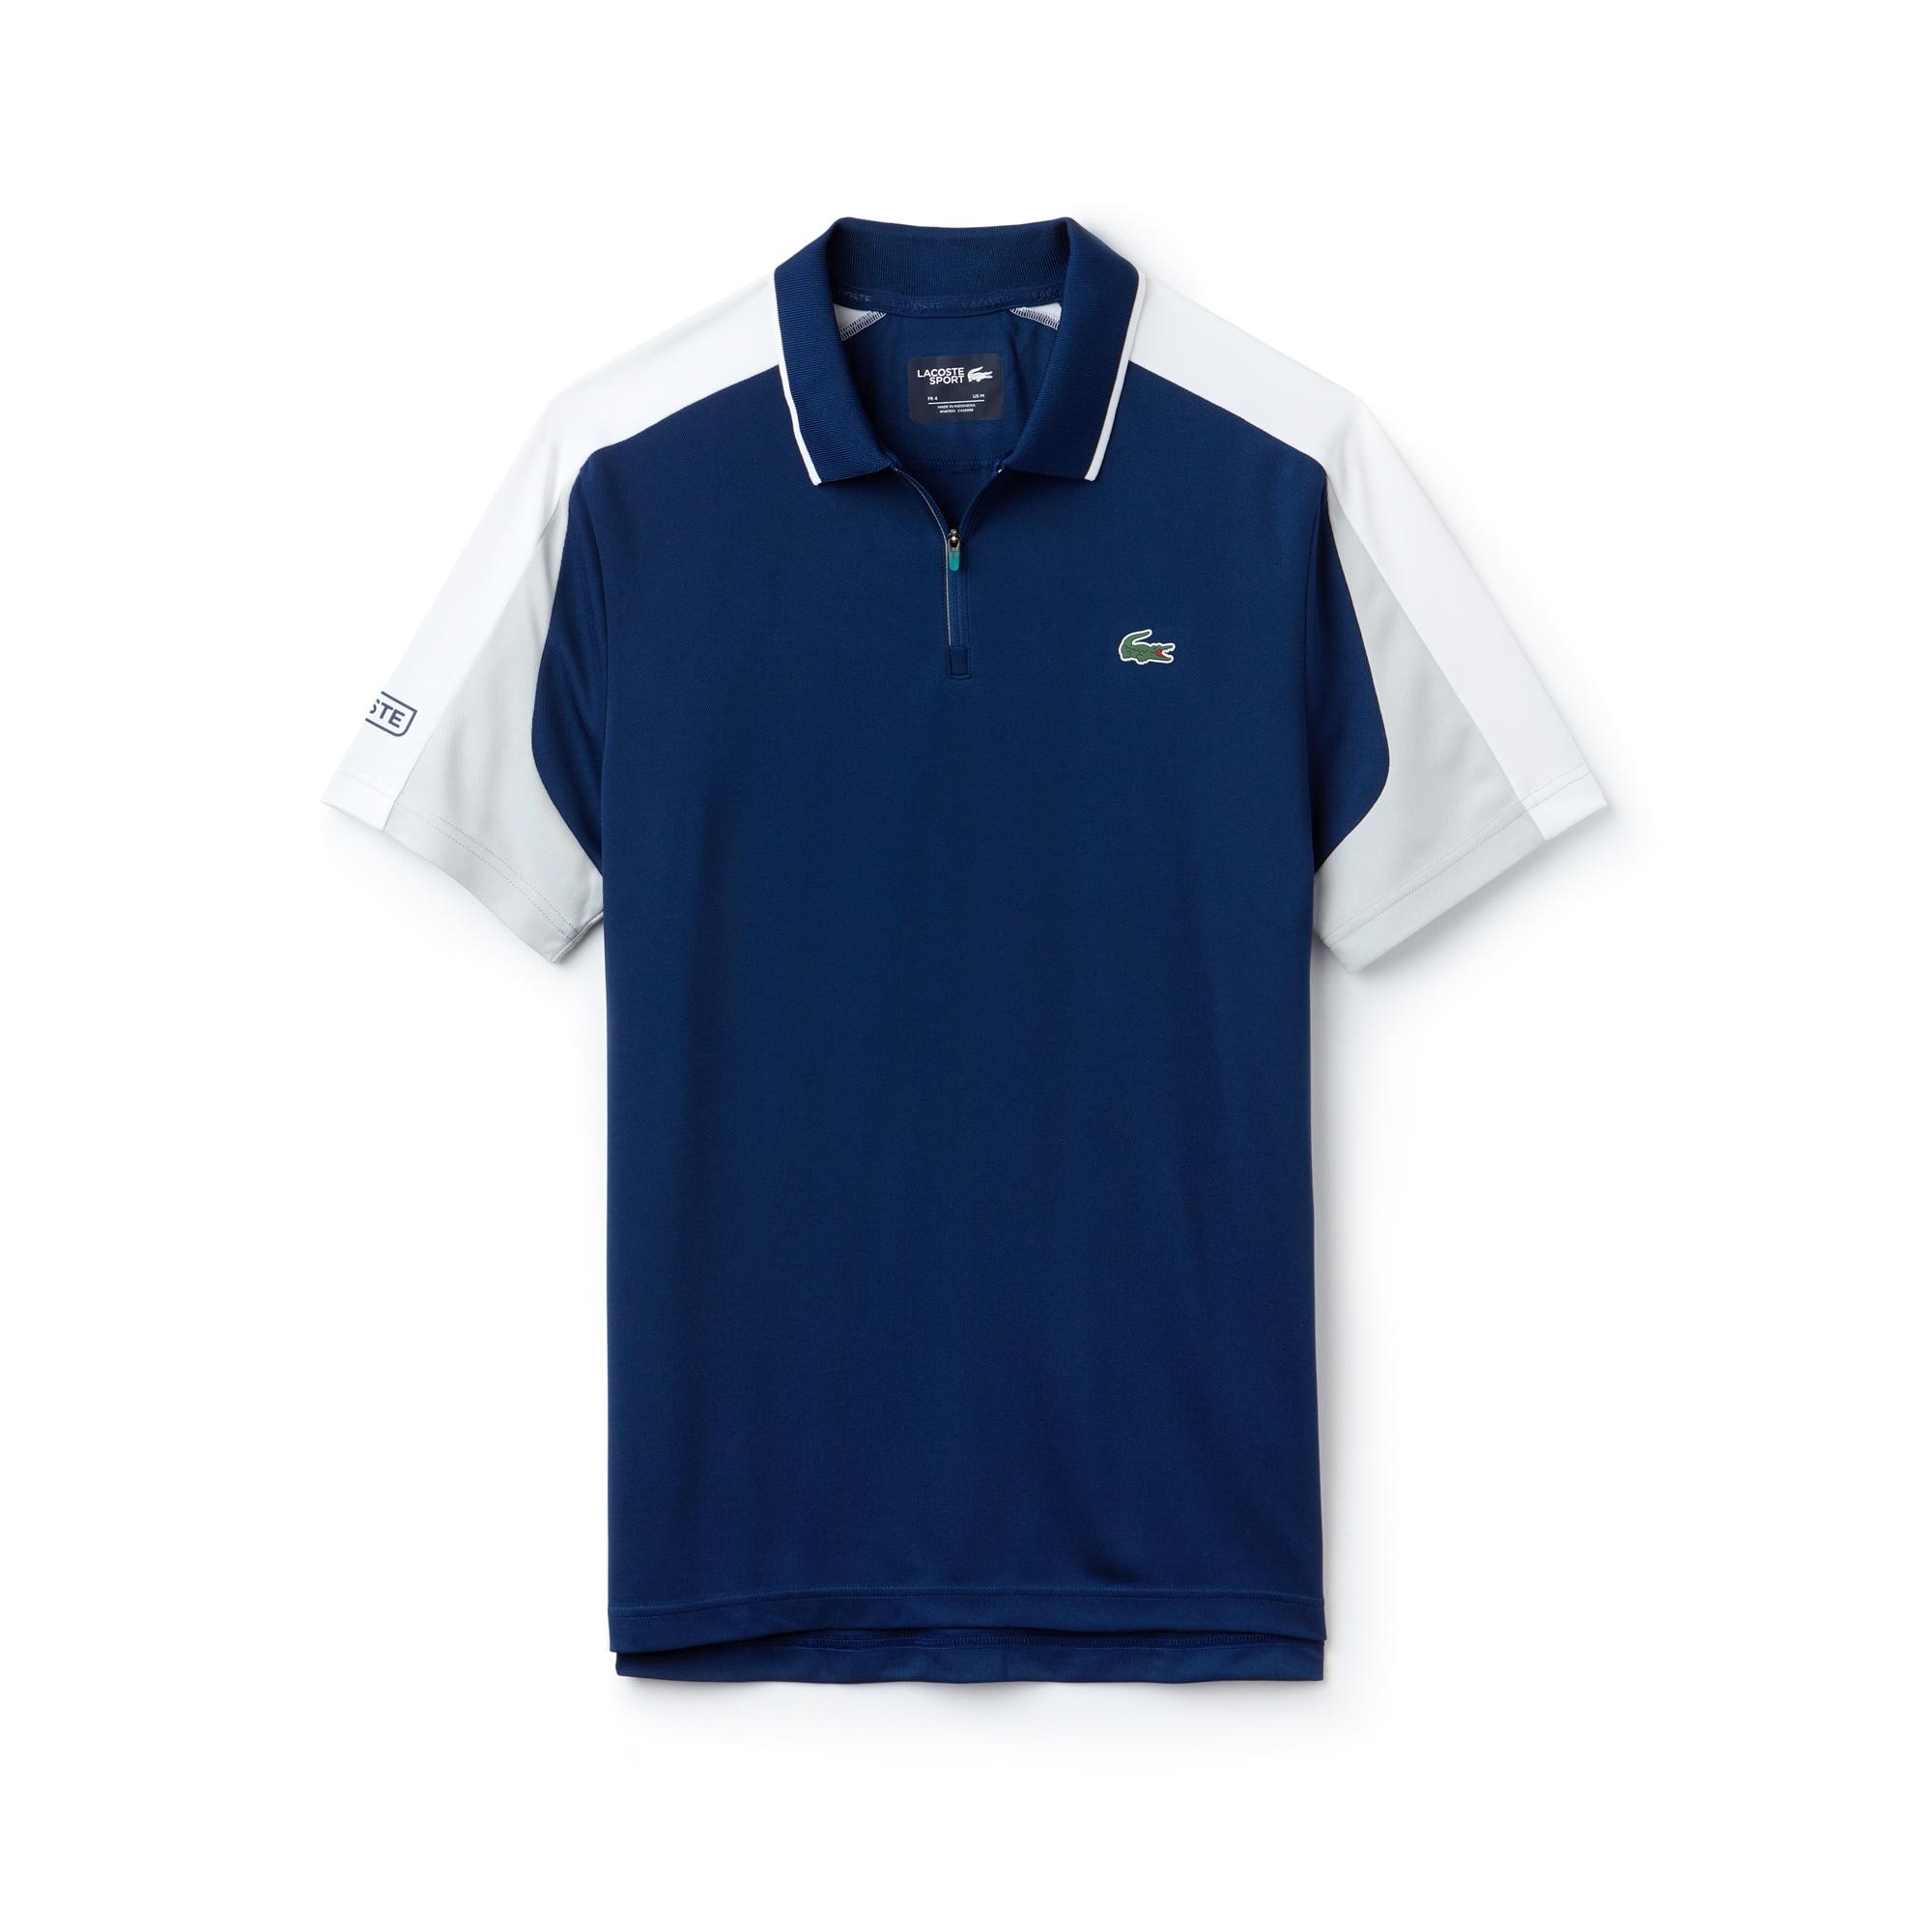 Lacoste SPORT Tennis-polo heren piqué met ritshals en contrasterende stroken